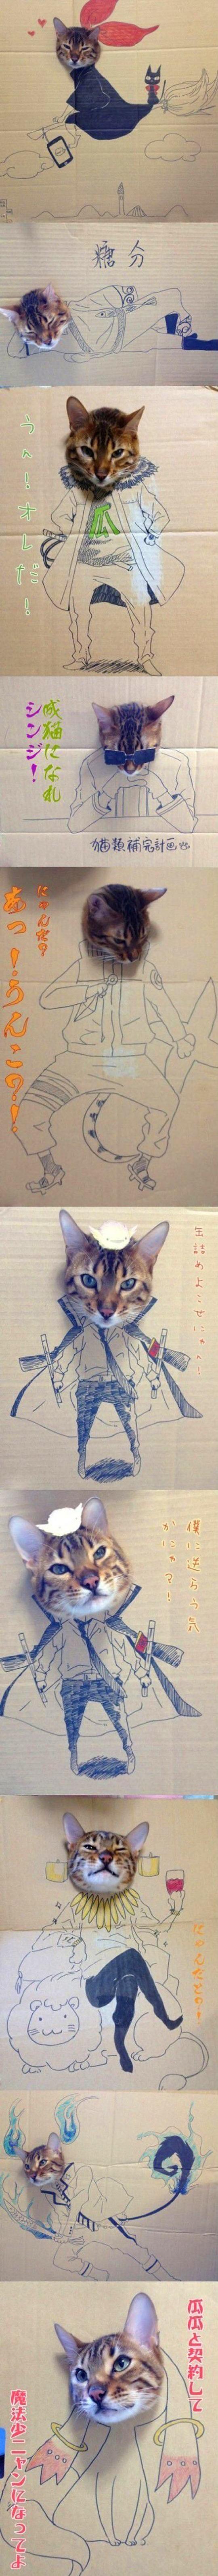 Bir Kedinin Maceraları